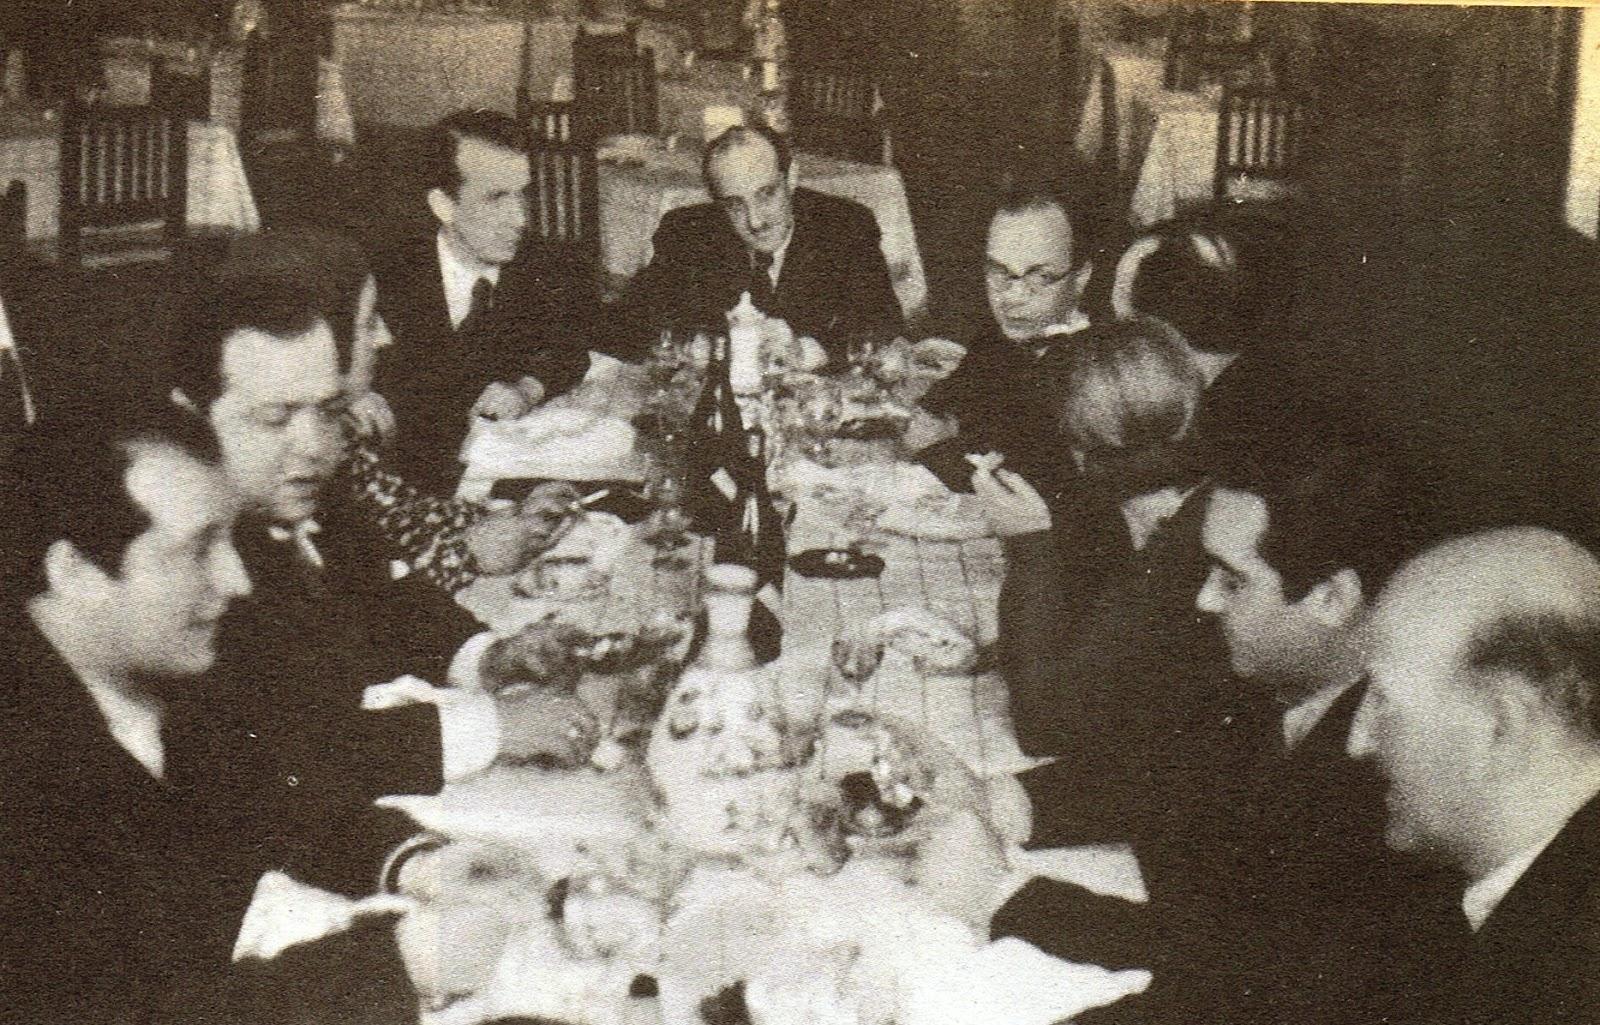 Lorca en una comida en honor de un grupo de periodistas argentinos en febrero de 1936